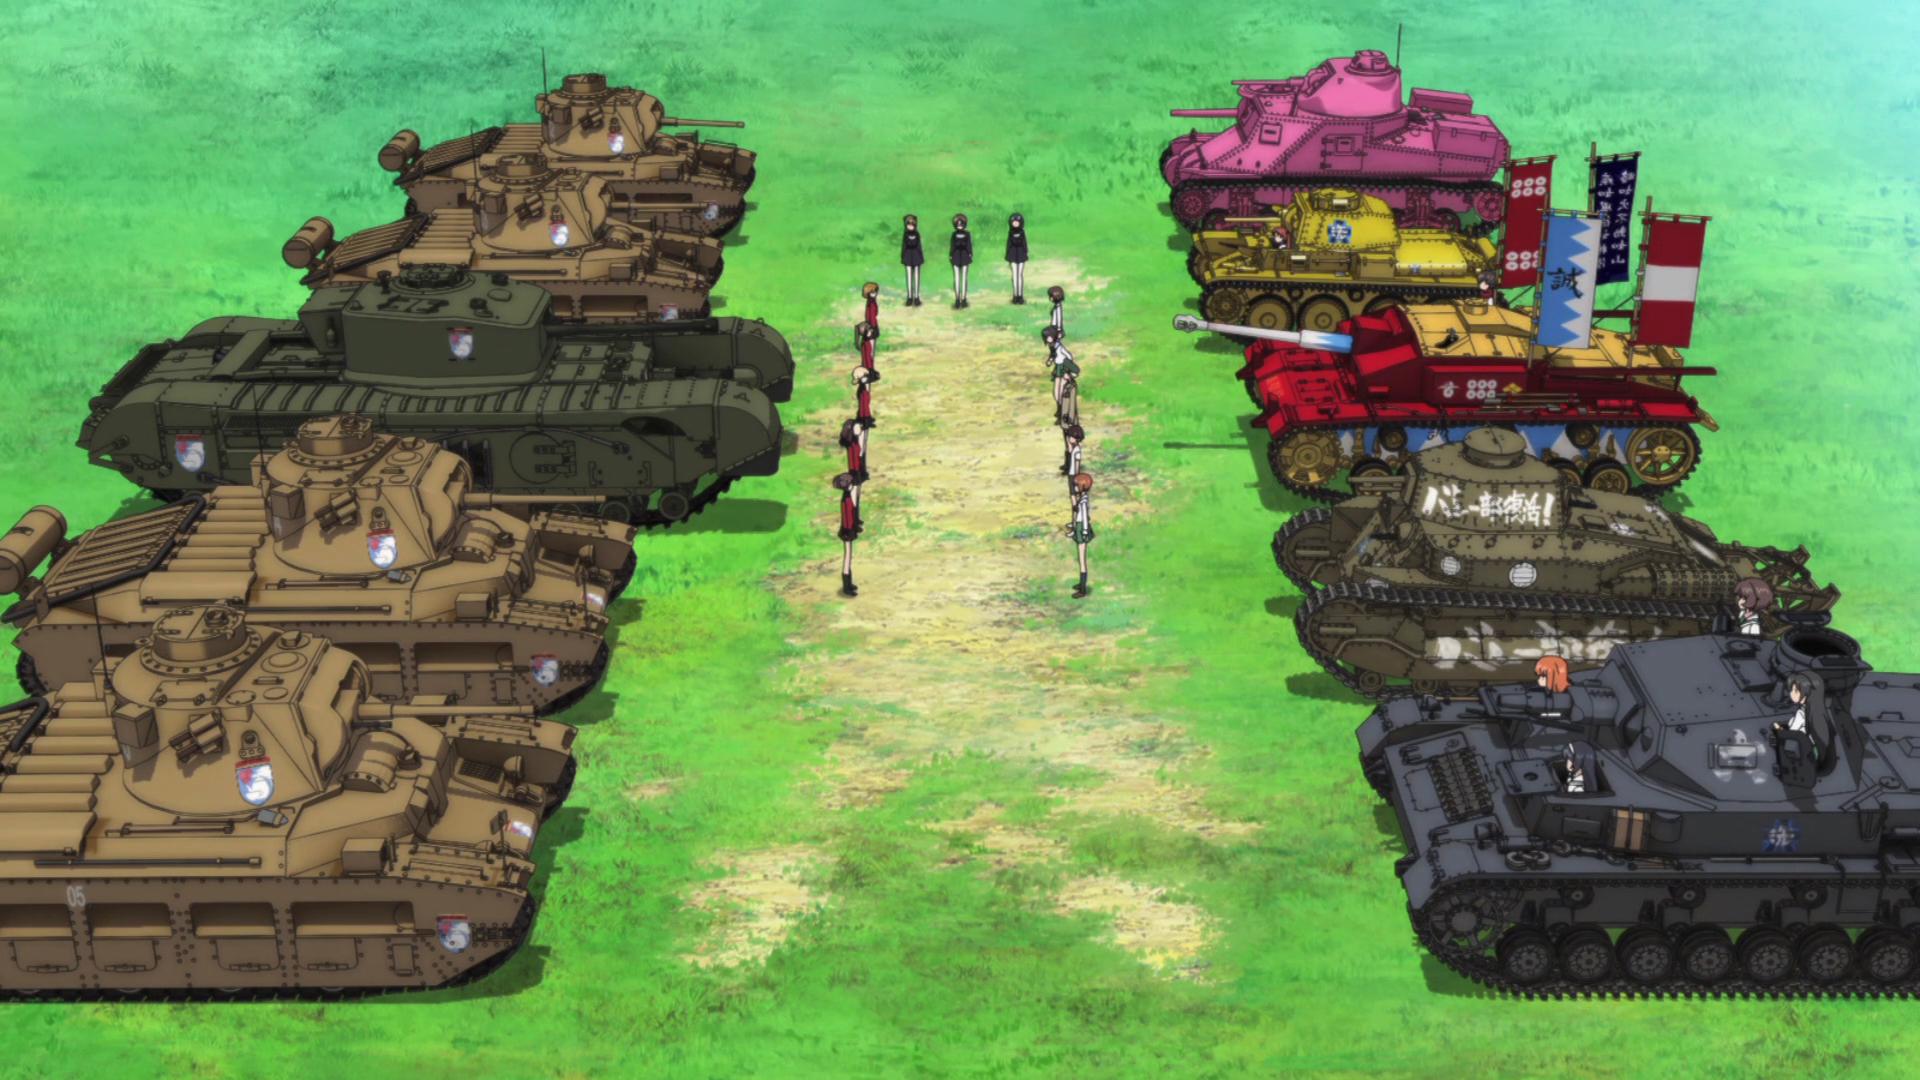 High Resolution Wallpaper | Girls Und Panzer 1920x1080 px